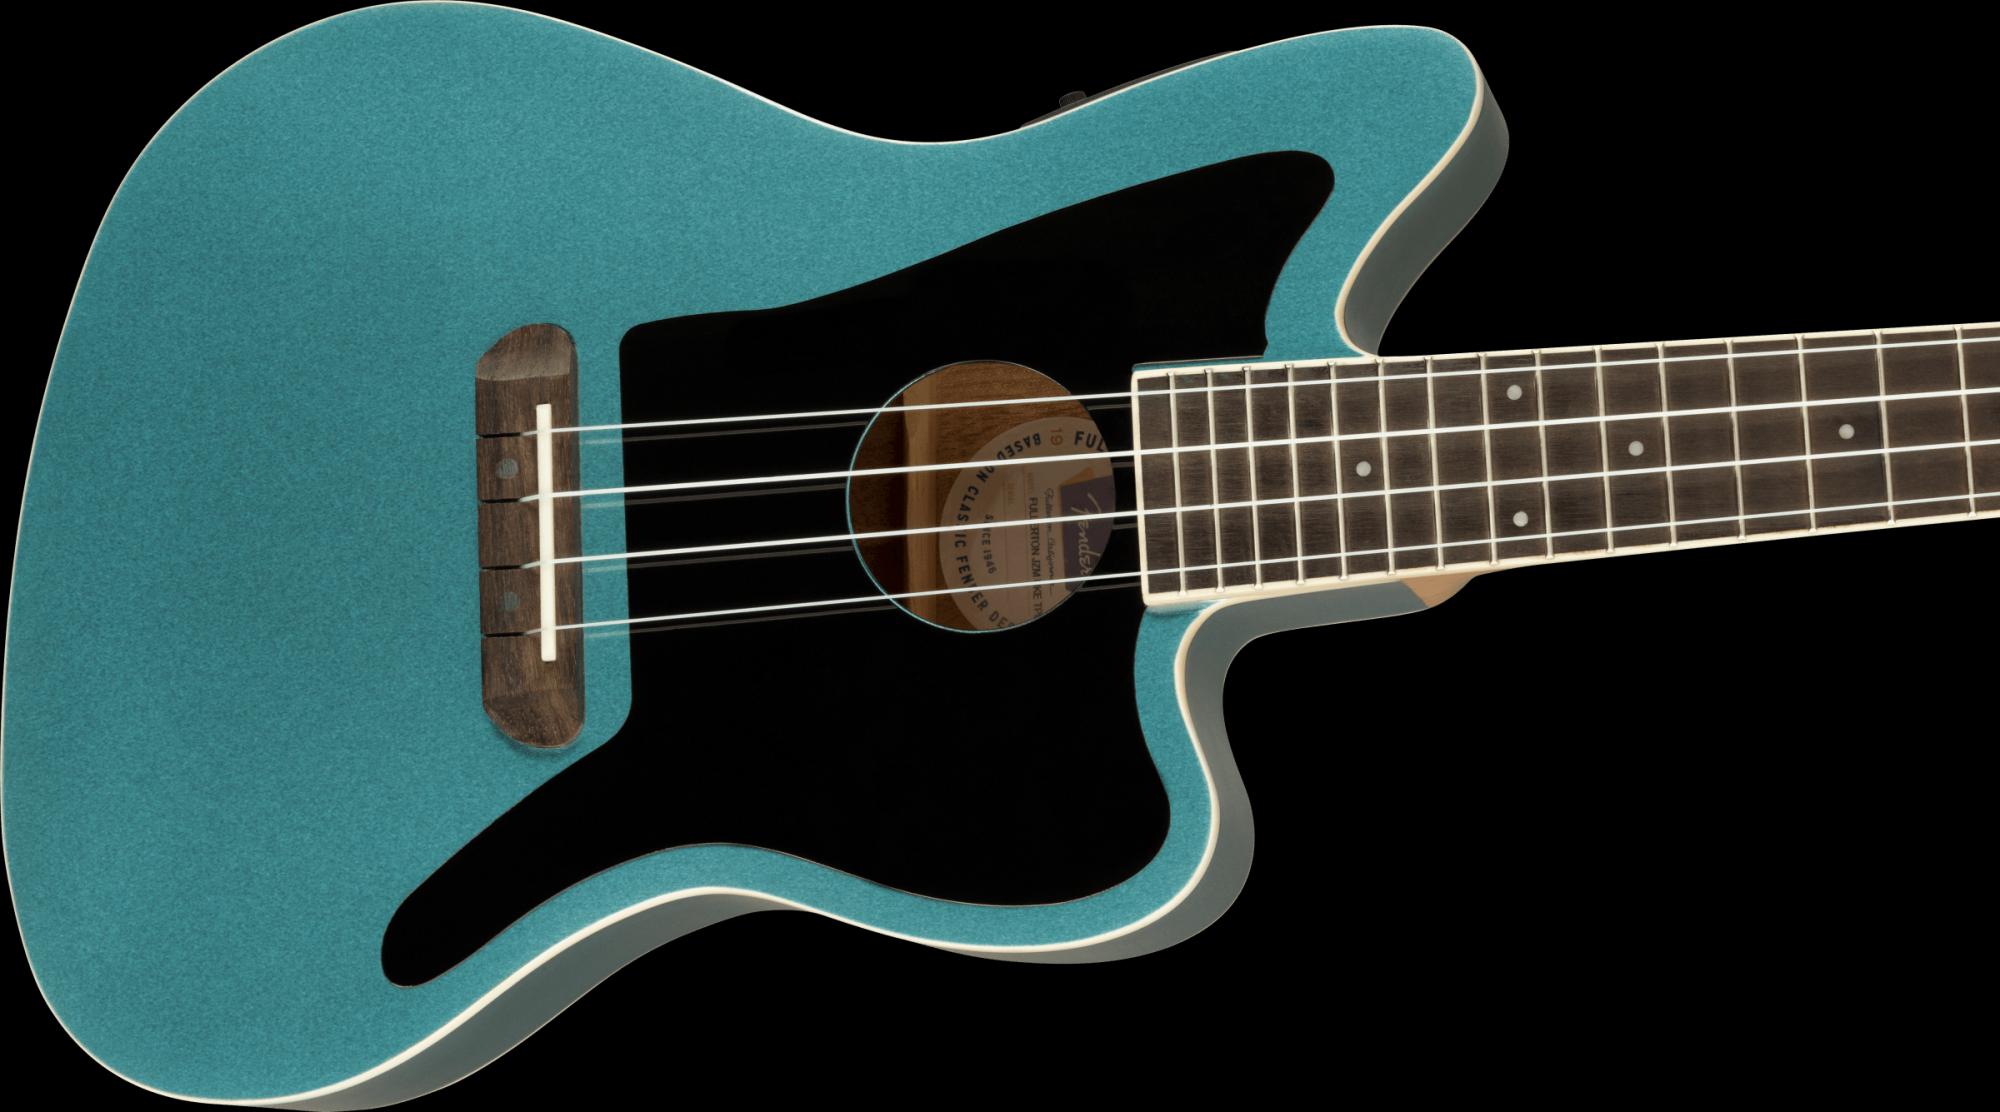 Fender Fullerton Jazzmaster Uke - Tidepool